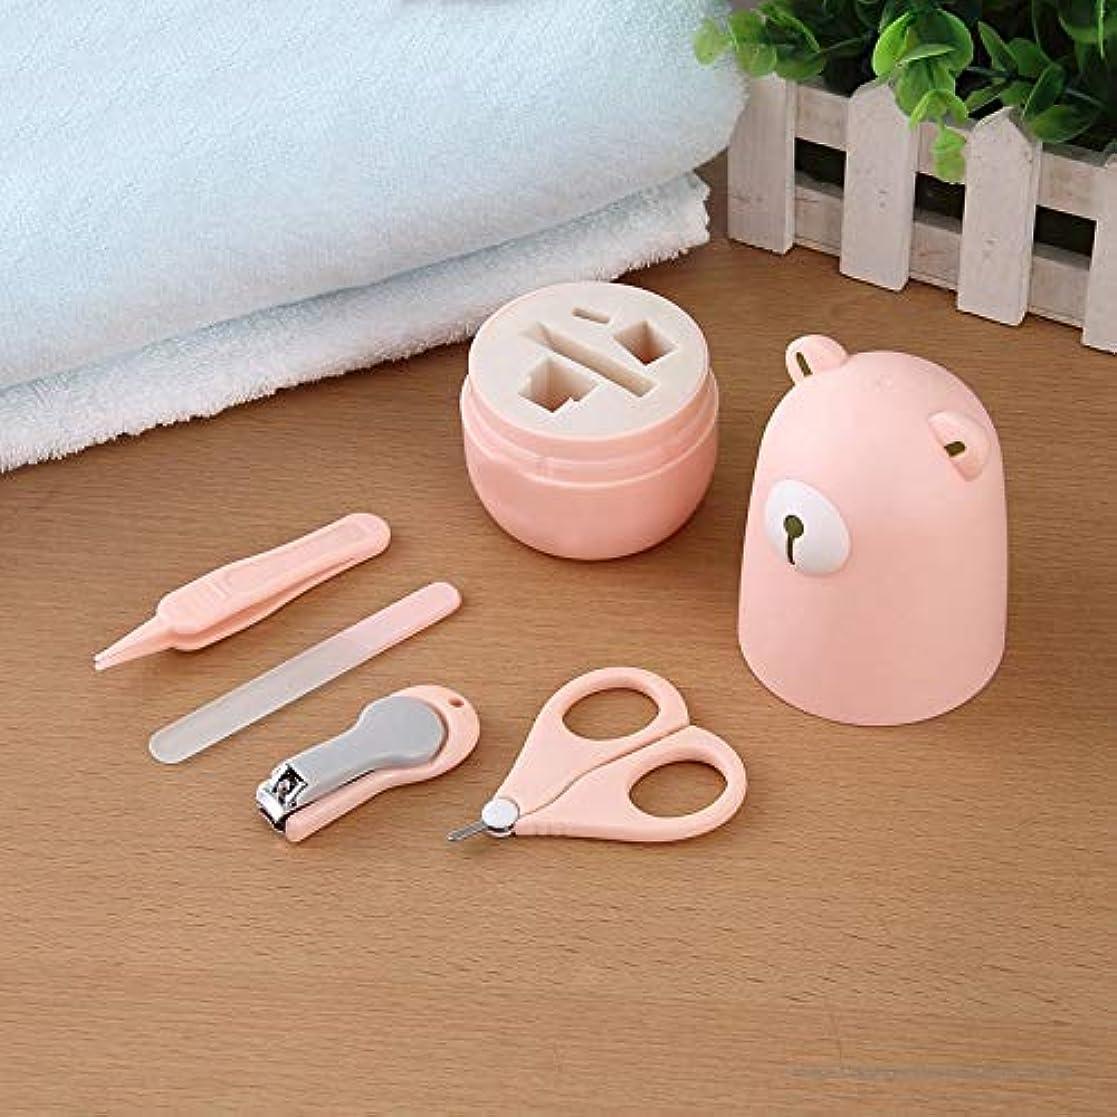 花火支払い優しいベアー形状ベビーマニキュアキット安全な赤ちゃんクマの爪切り、はさみ、ピンセットやネイルファイル新生児のためのベビーネイルケアセット Pink